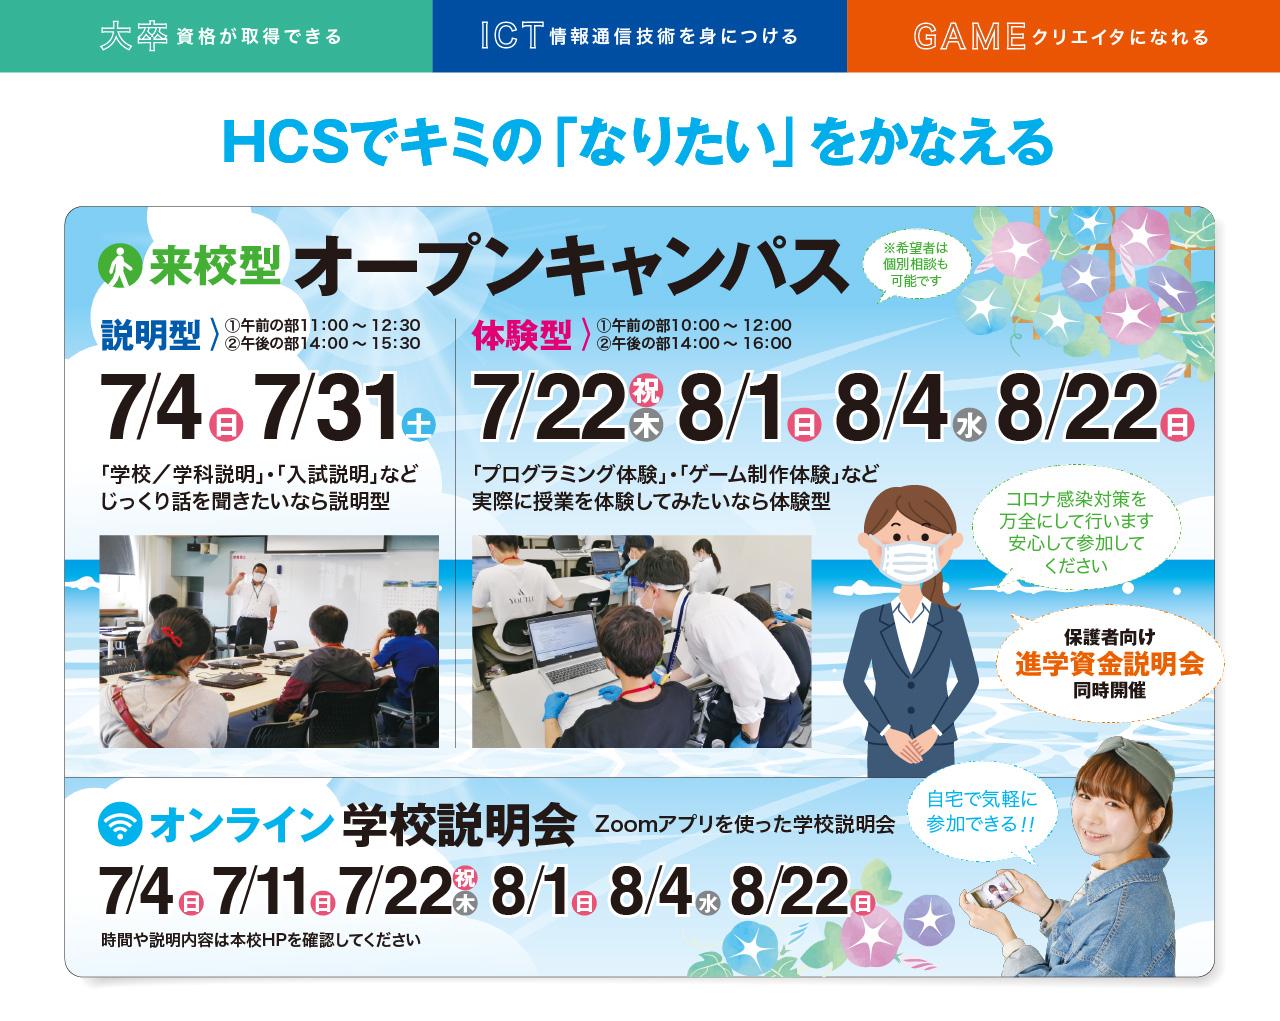 来校型オープンキャンパス7/4、7/22、7/31、8/1、8/4、8/22 オンライン学校説明会7/4、7/11、7/22、8/1、8/4、8/22